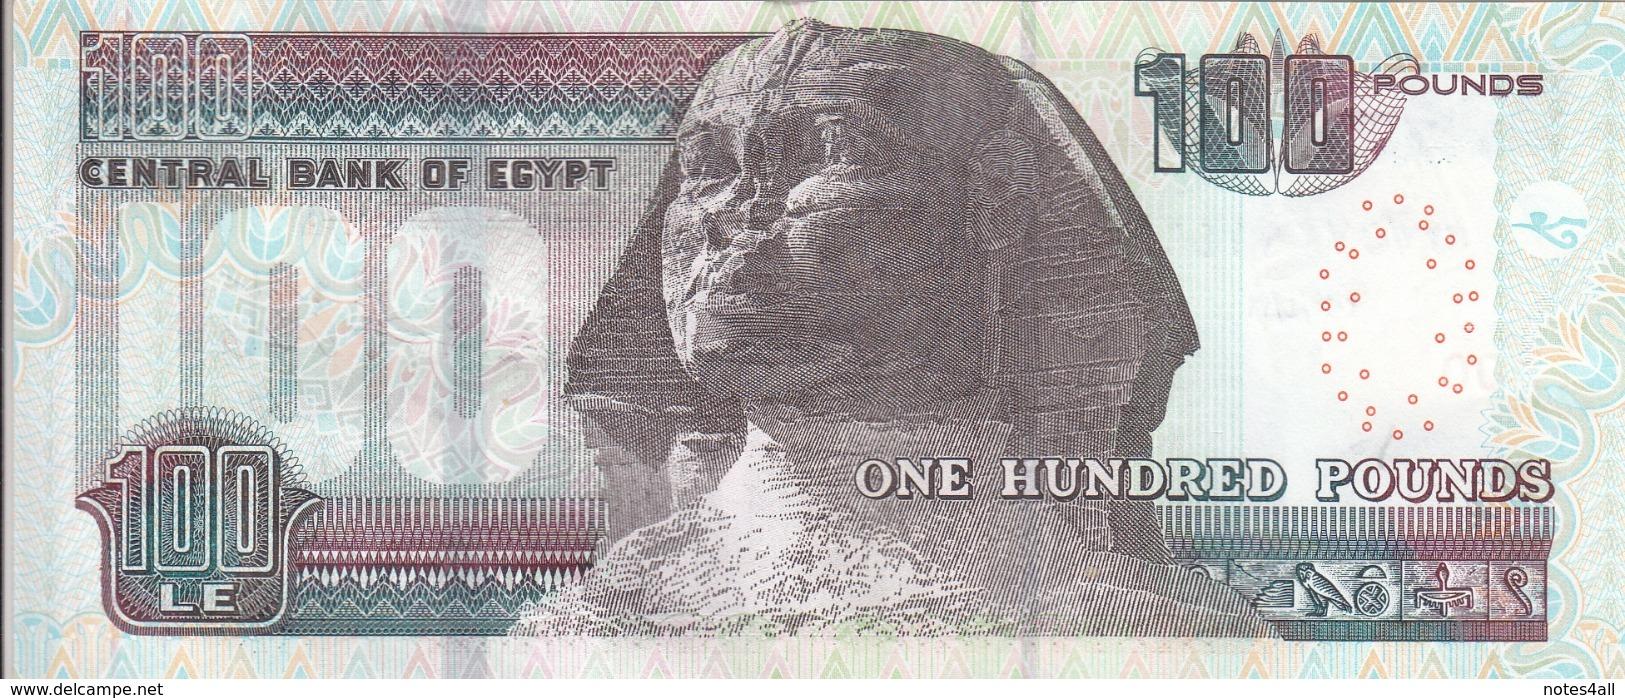 EGYPT 100 POUNDS EGP 2011  P-67i SIG/ OQDA #22 UNC PREFIX 156 CONVERGENT (CLOSE) - Egypt